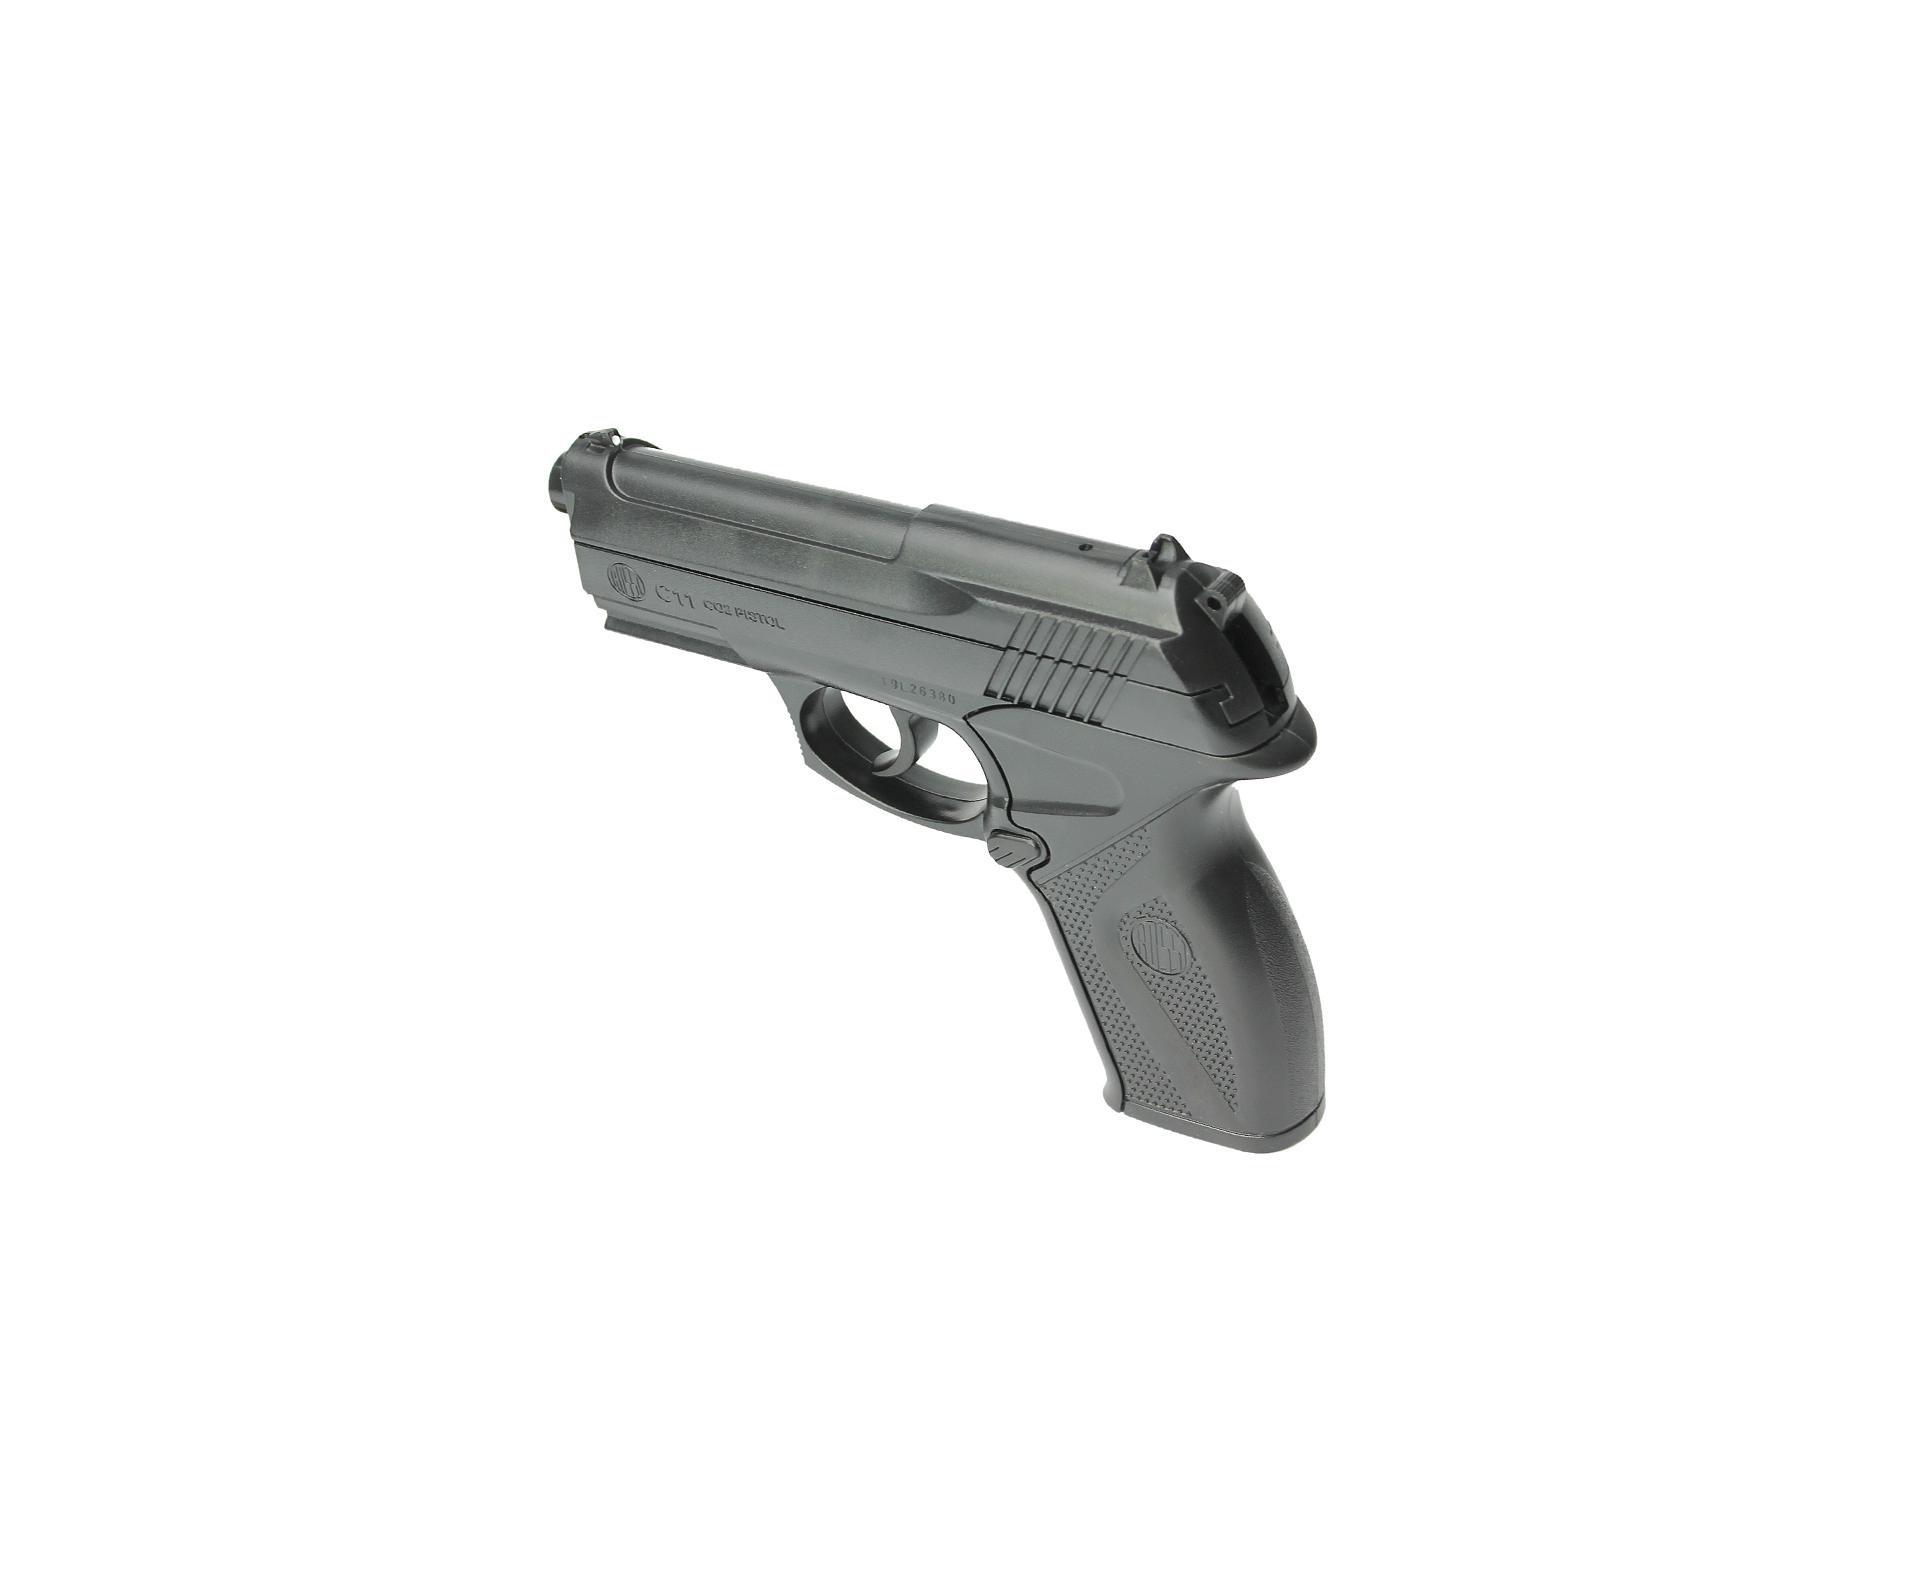 Pistola De Pressão Co2 C11 Esferas De Aço 6mm Wingun